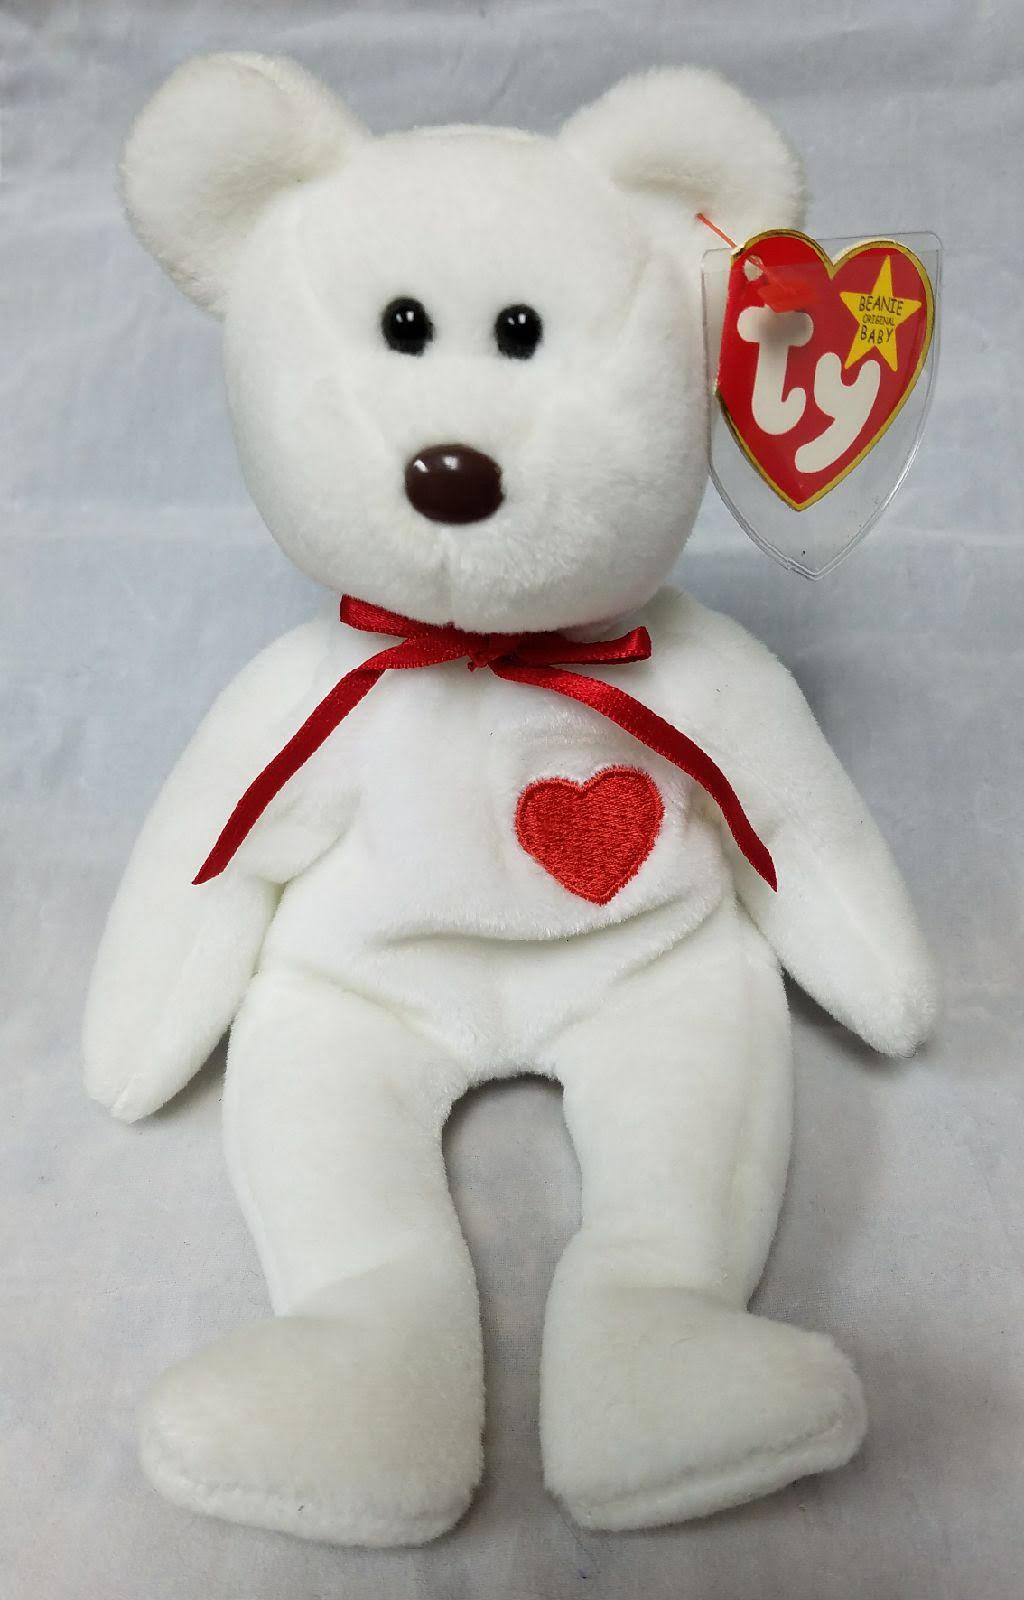 Ty rentner beanie baby valentino die bär - äußerst selten mit 7 fehler